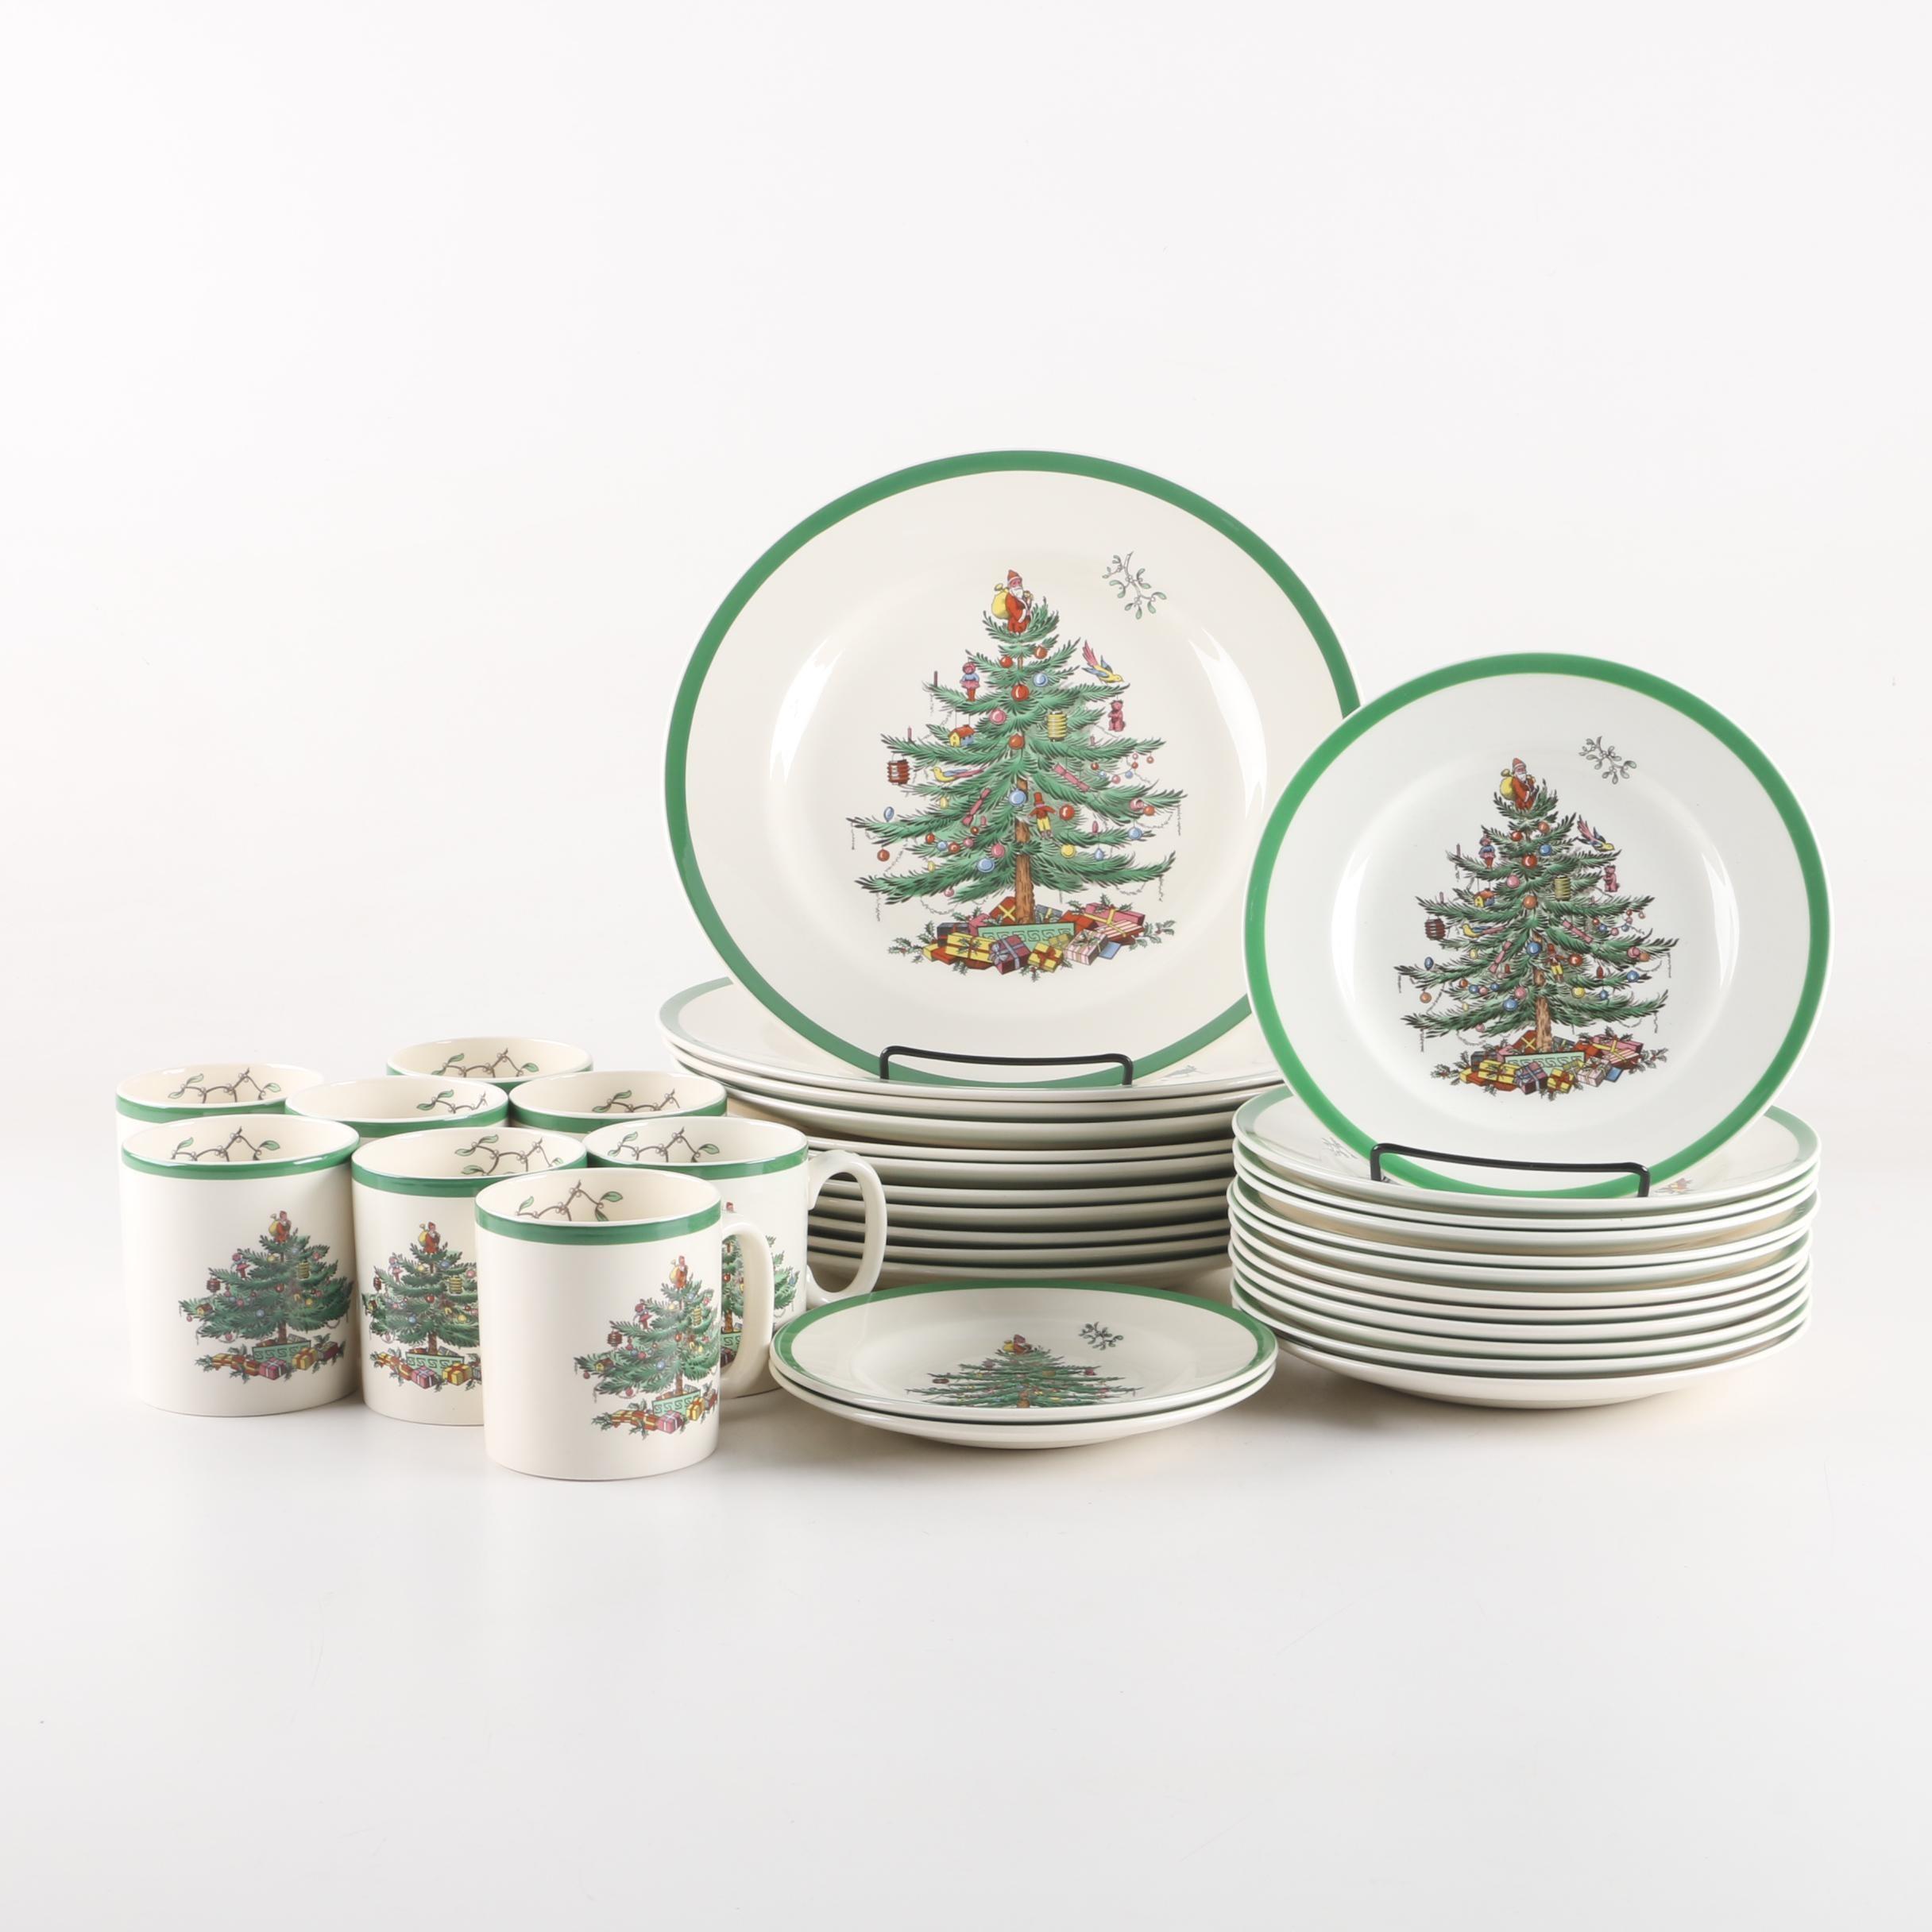 Vintage Spode \u0027Christmas Tree\u0027 Dinnerware ...  sc 1 st  EBTH.com & Vintage Spode \u0027Christmas Tree\u0027 Dinnerware : EBTH